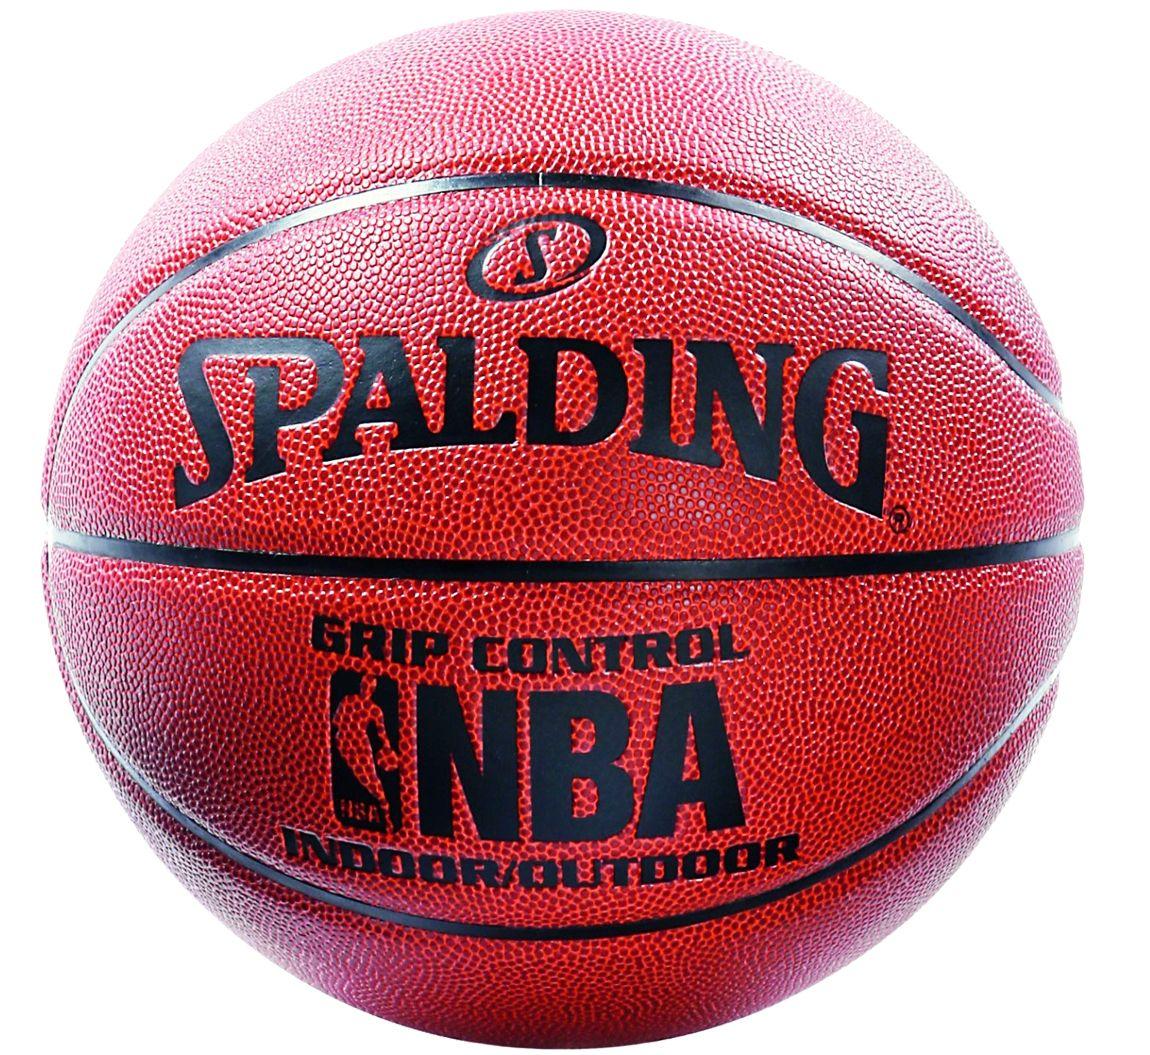 Basketball Balls Basketballs Basketball Ball Spalding Basketball